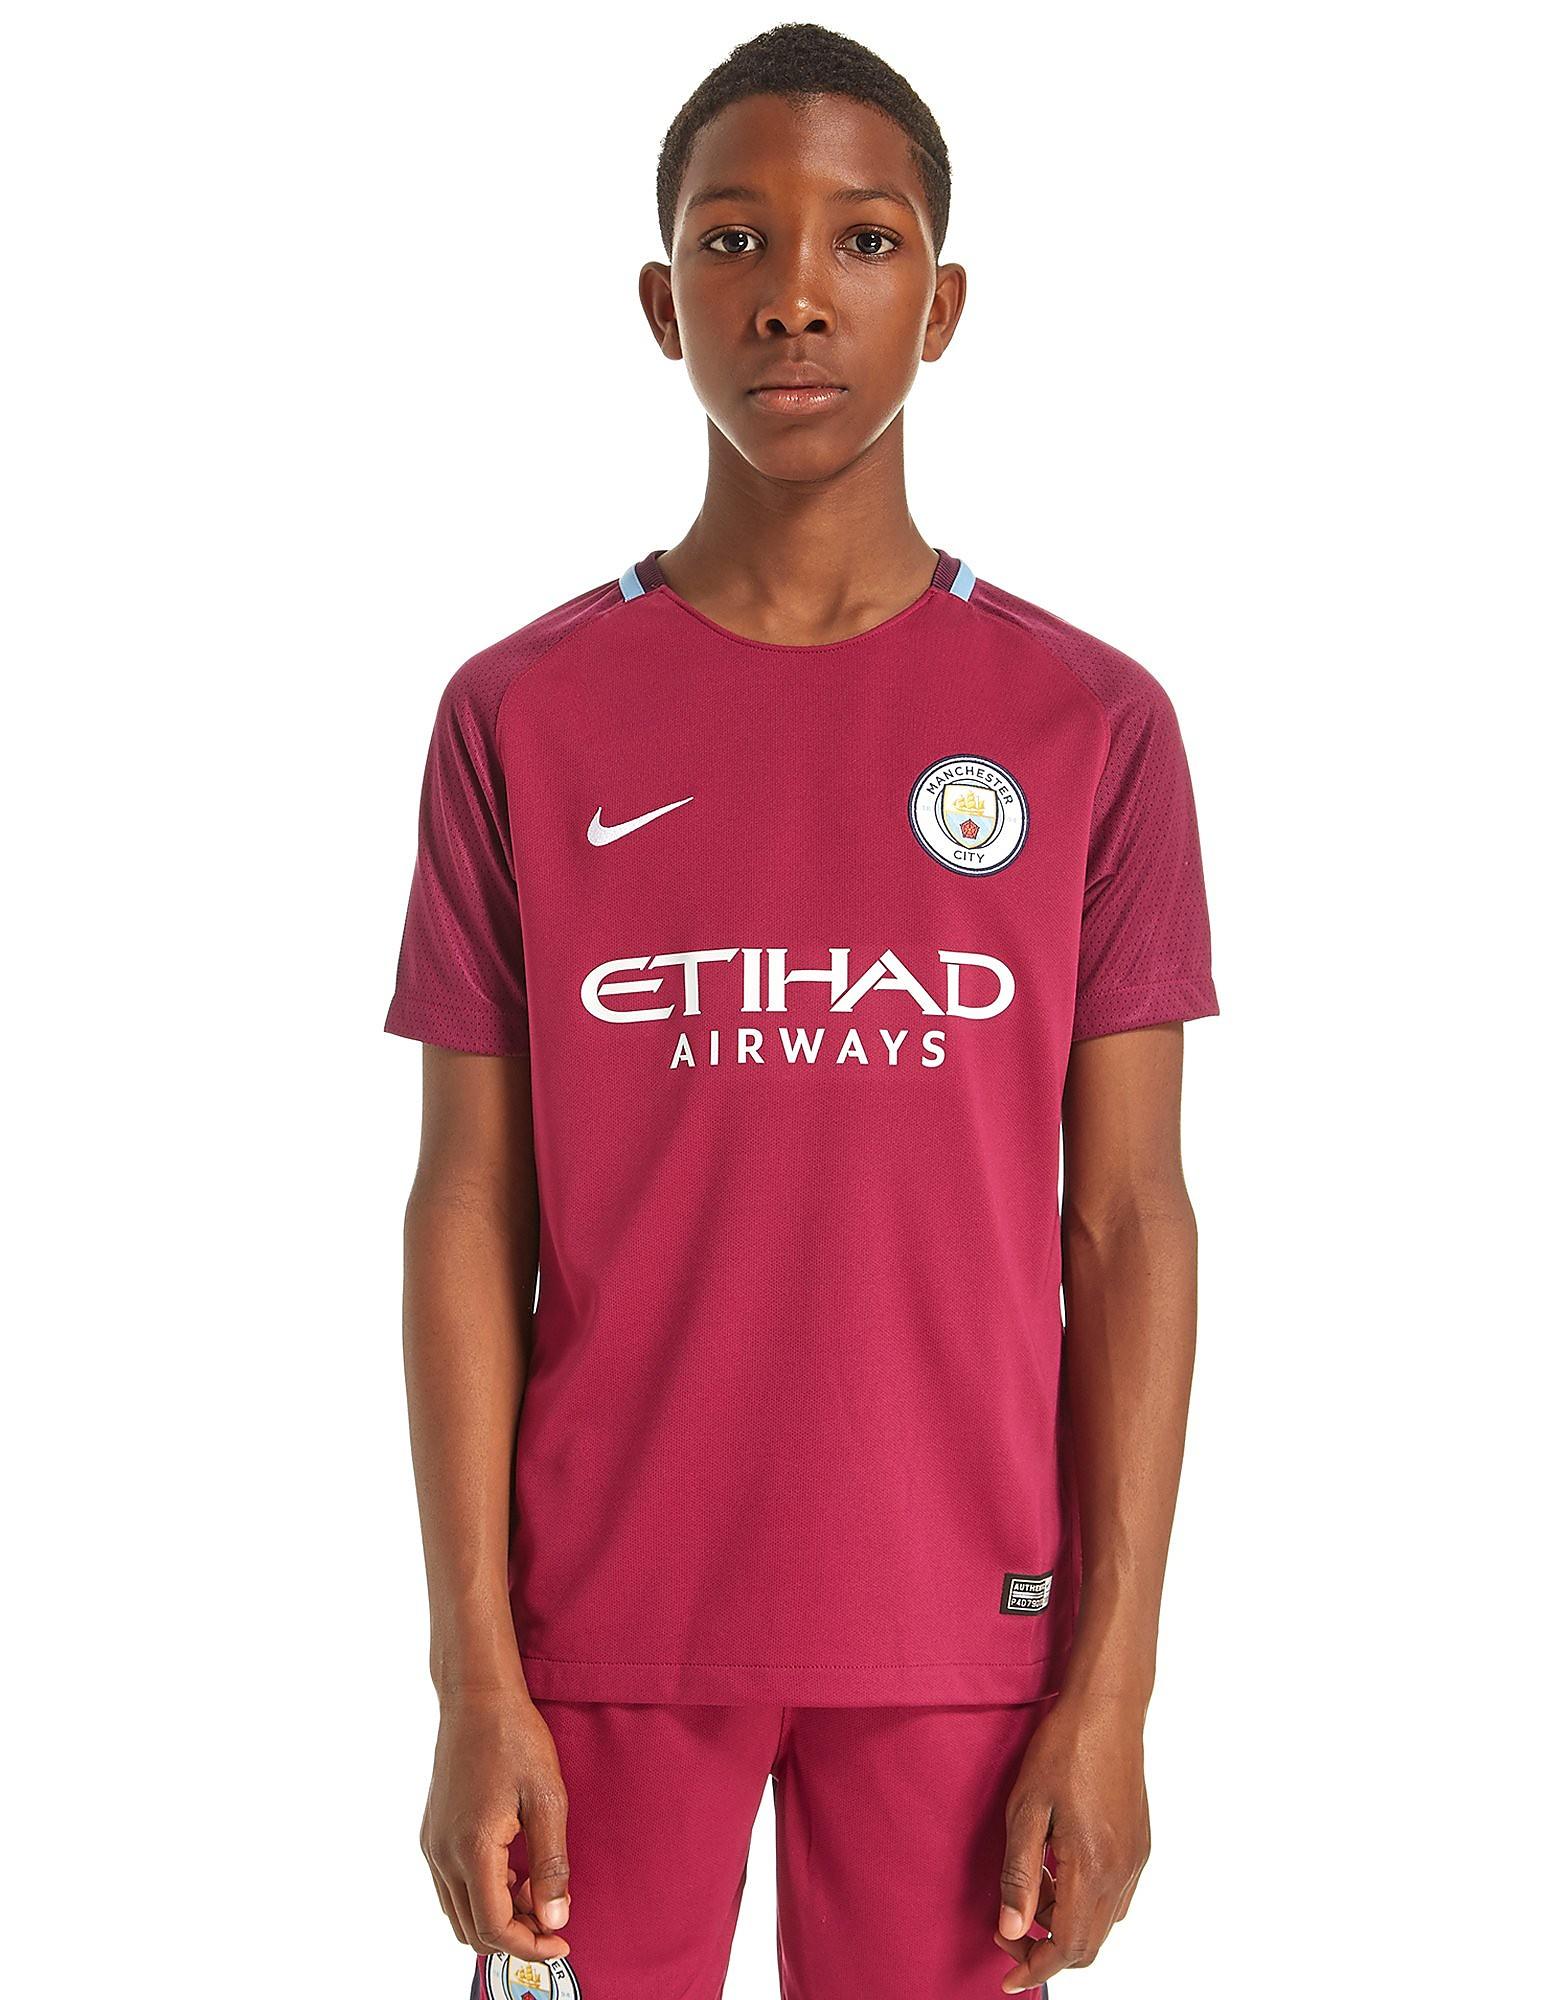 Nike camiseta Manchester City 2017/18 2.ª equipación júnior